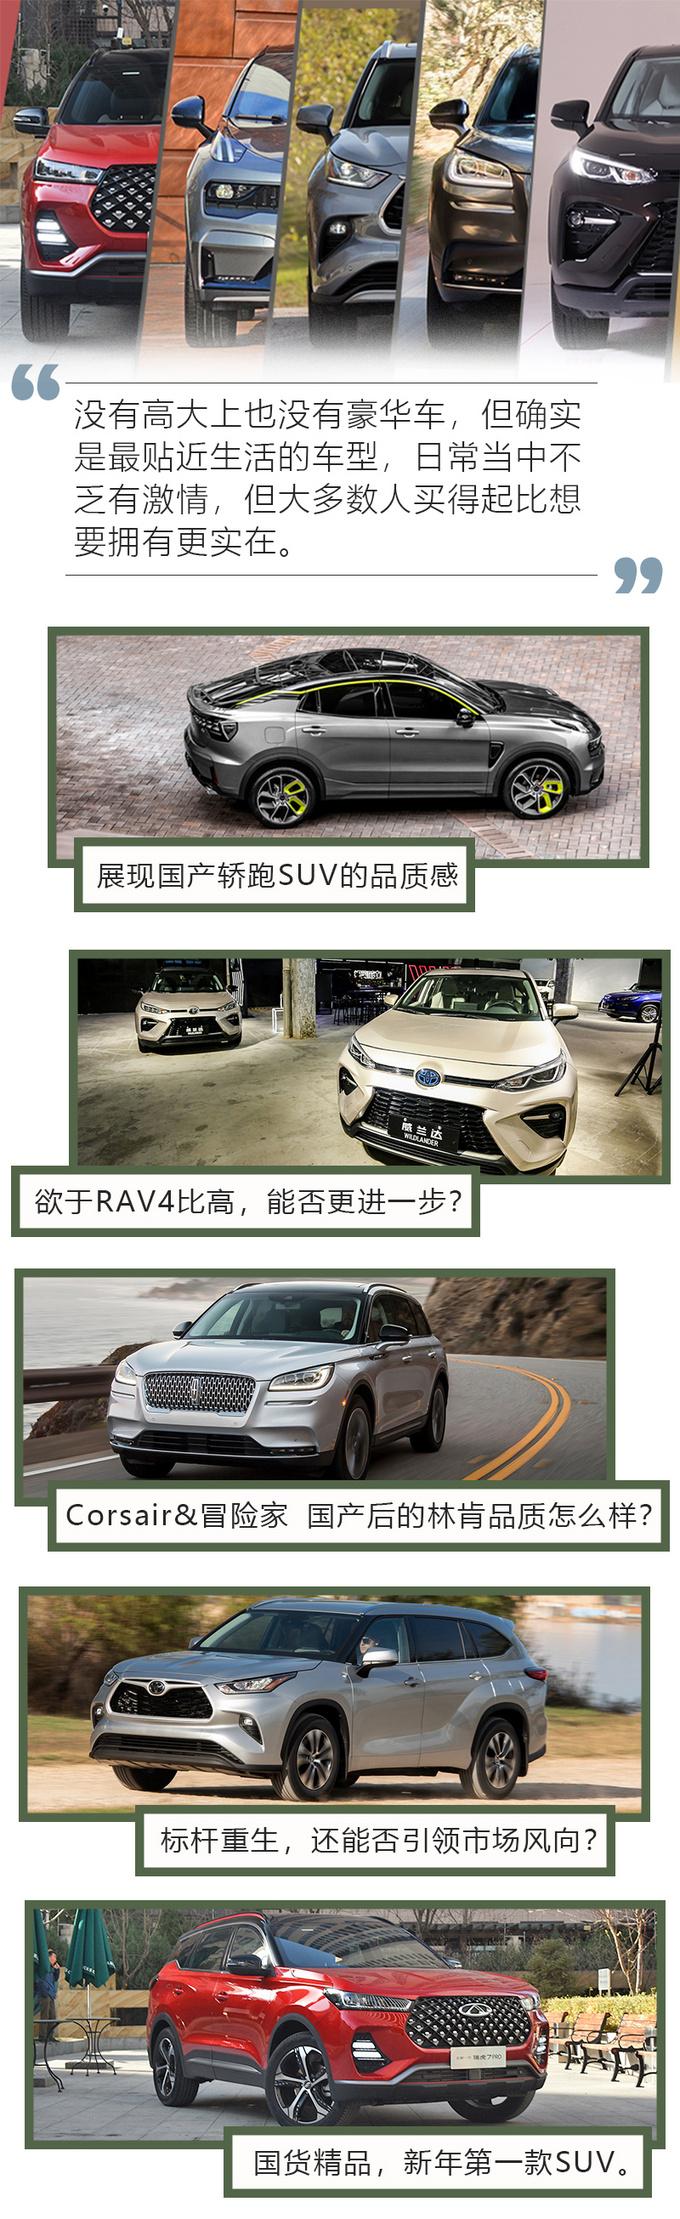 2020年想换新车买这几款SUV准靠谱-图2